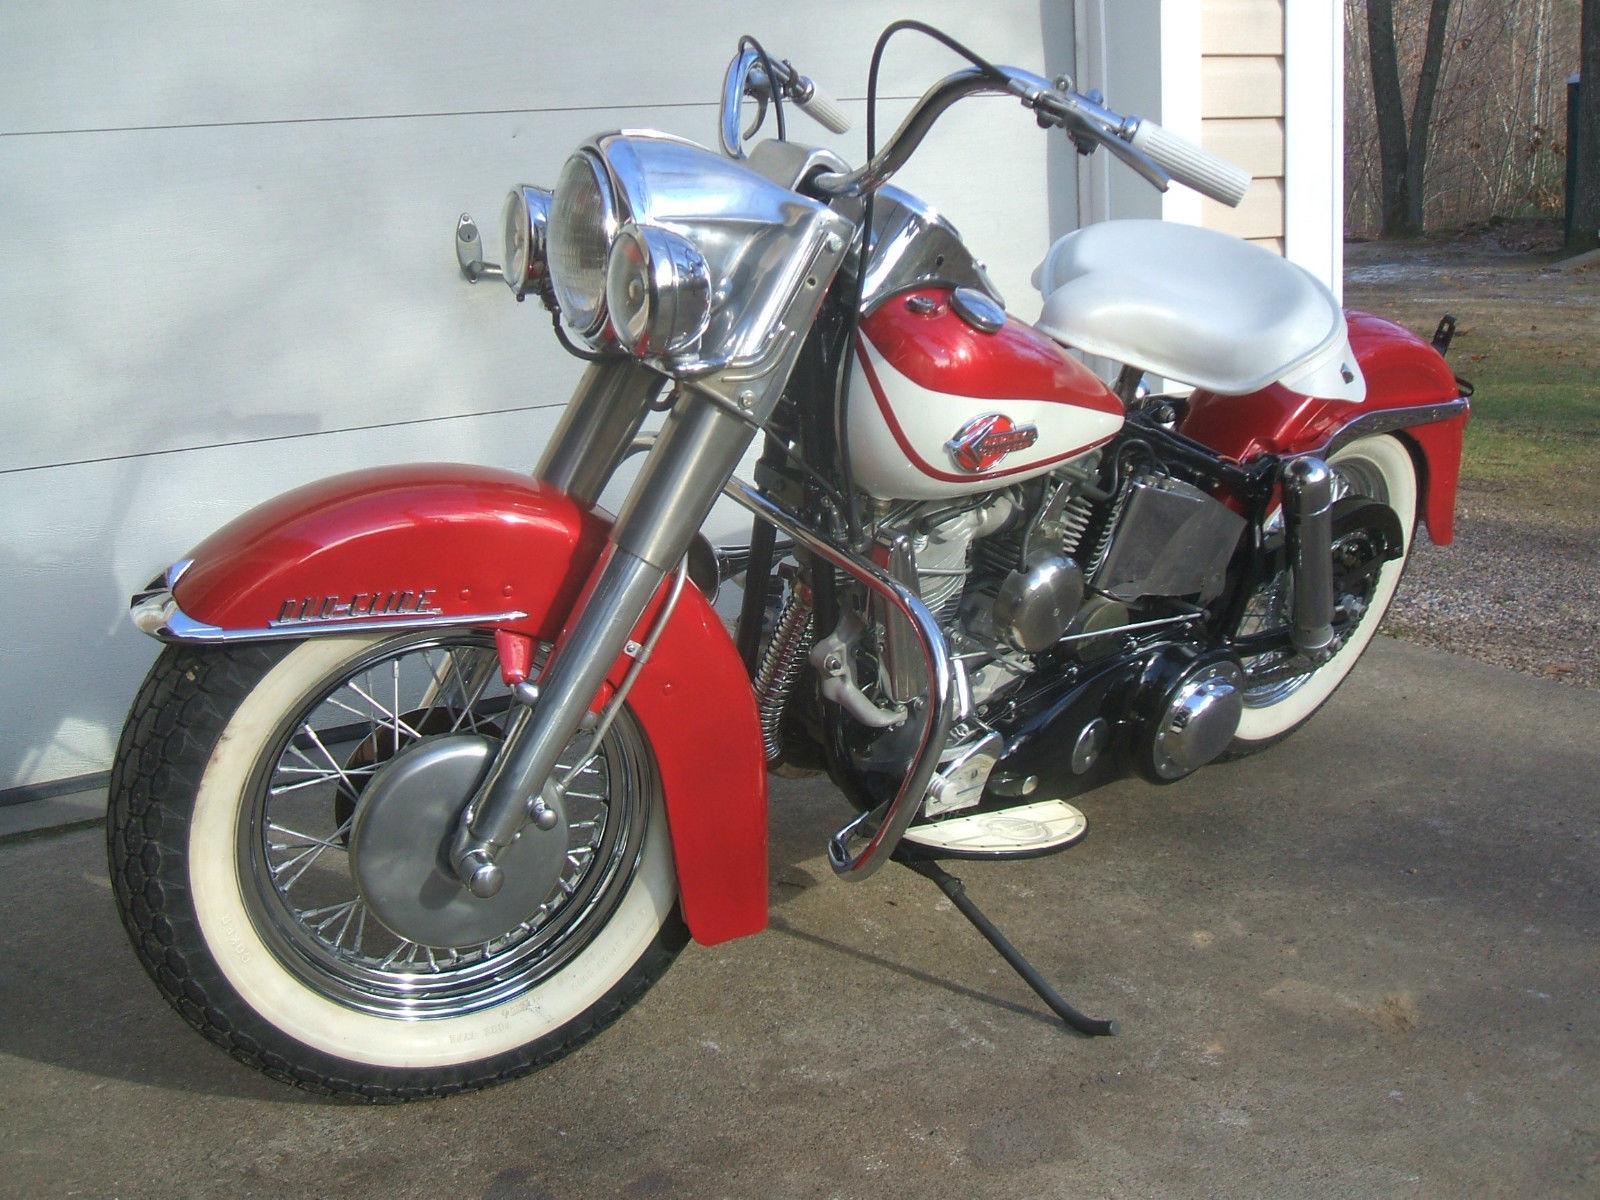 Harley-Davidson Panhead - 1960 - Forks, Wheel, Fender and Lights.